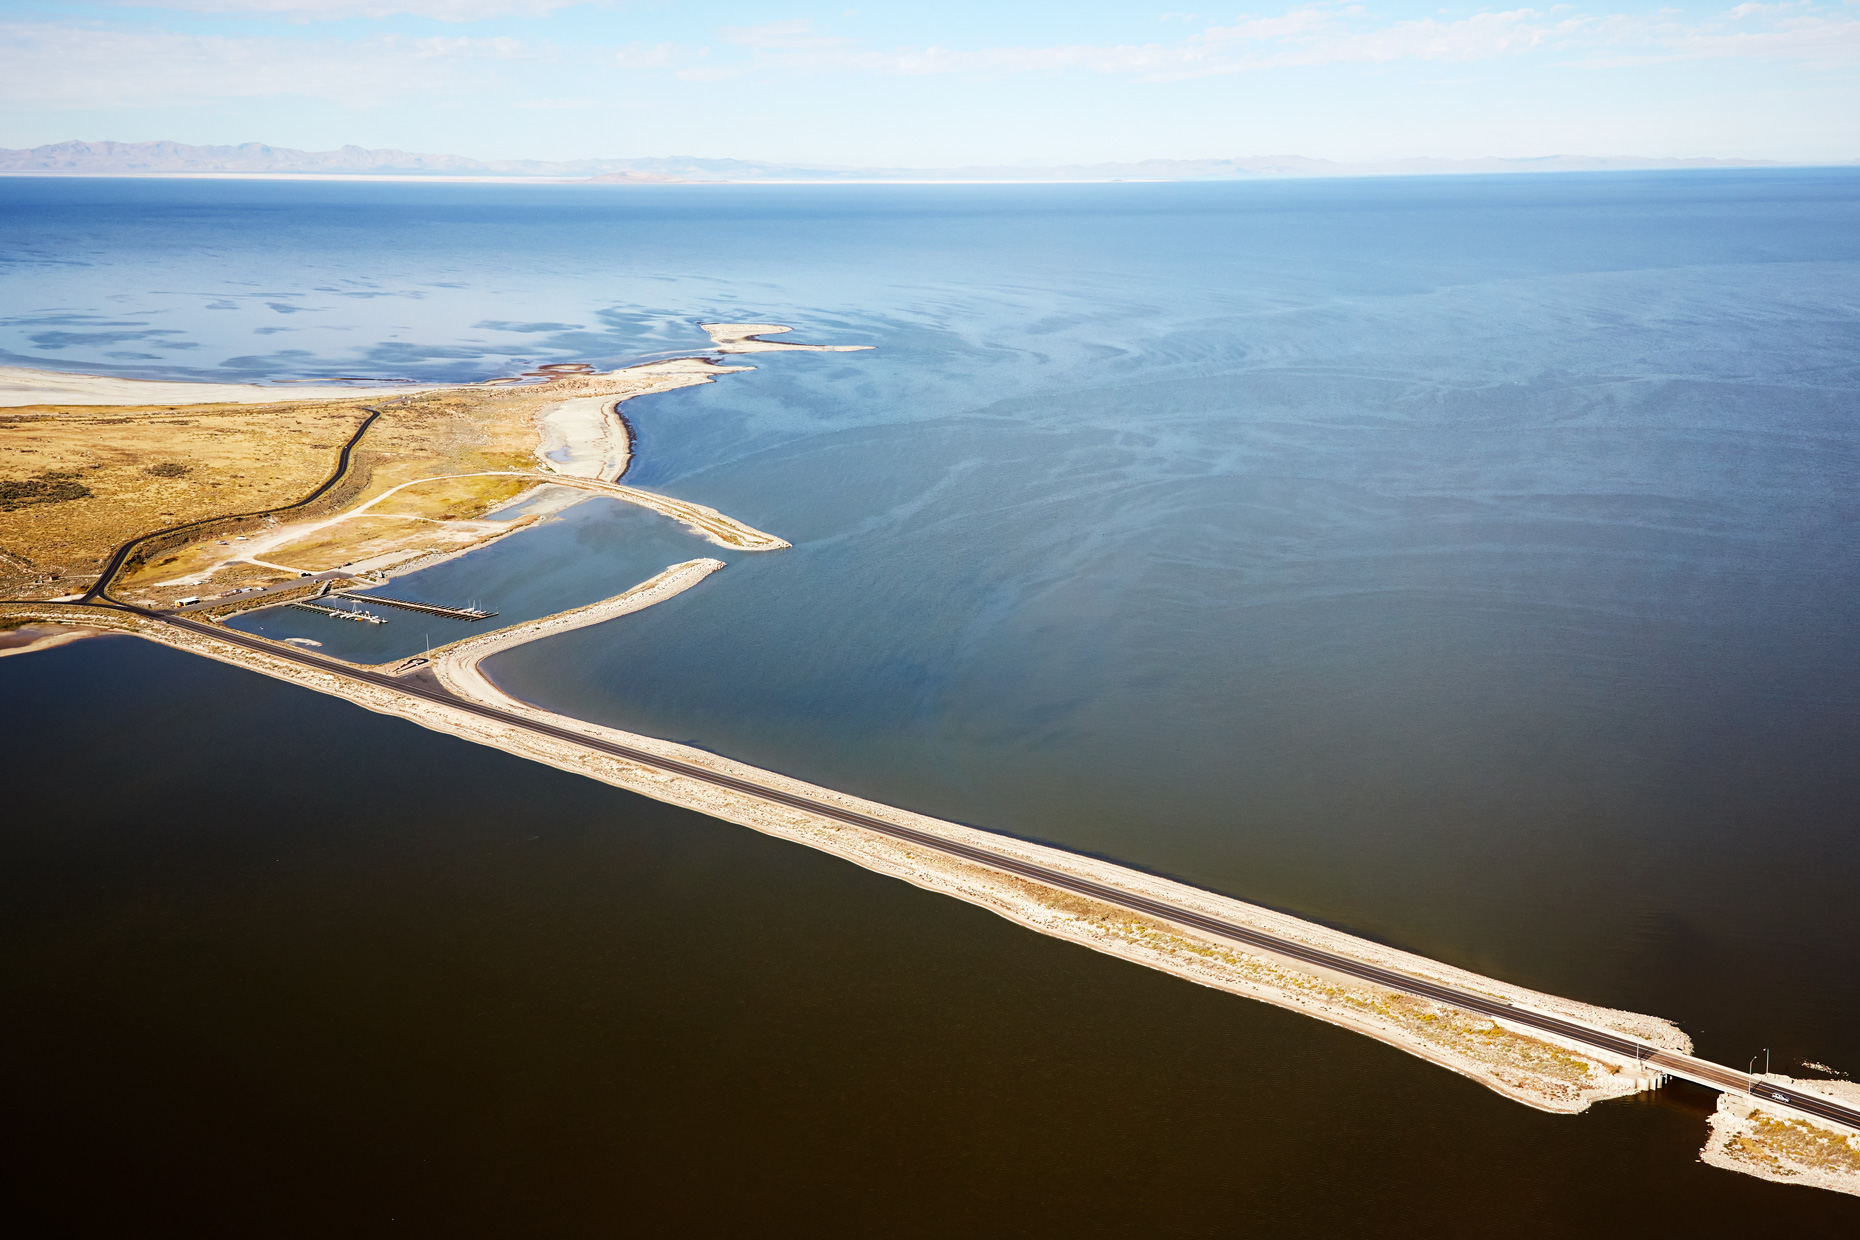 Aerial Photography Derek Israelsen Freeway in water